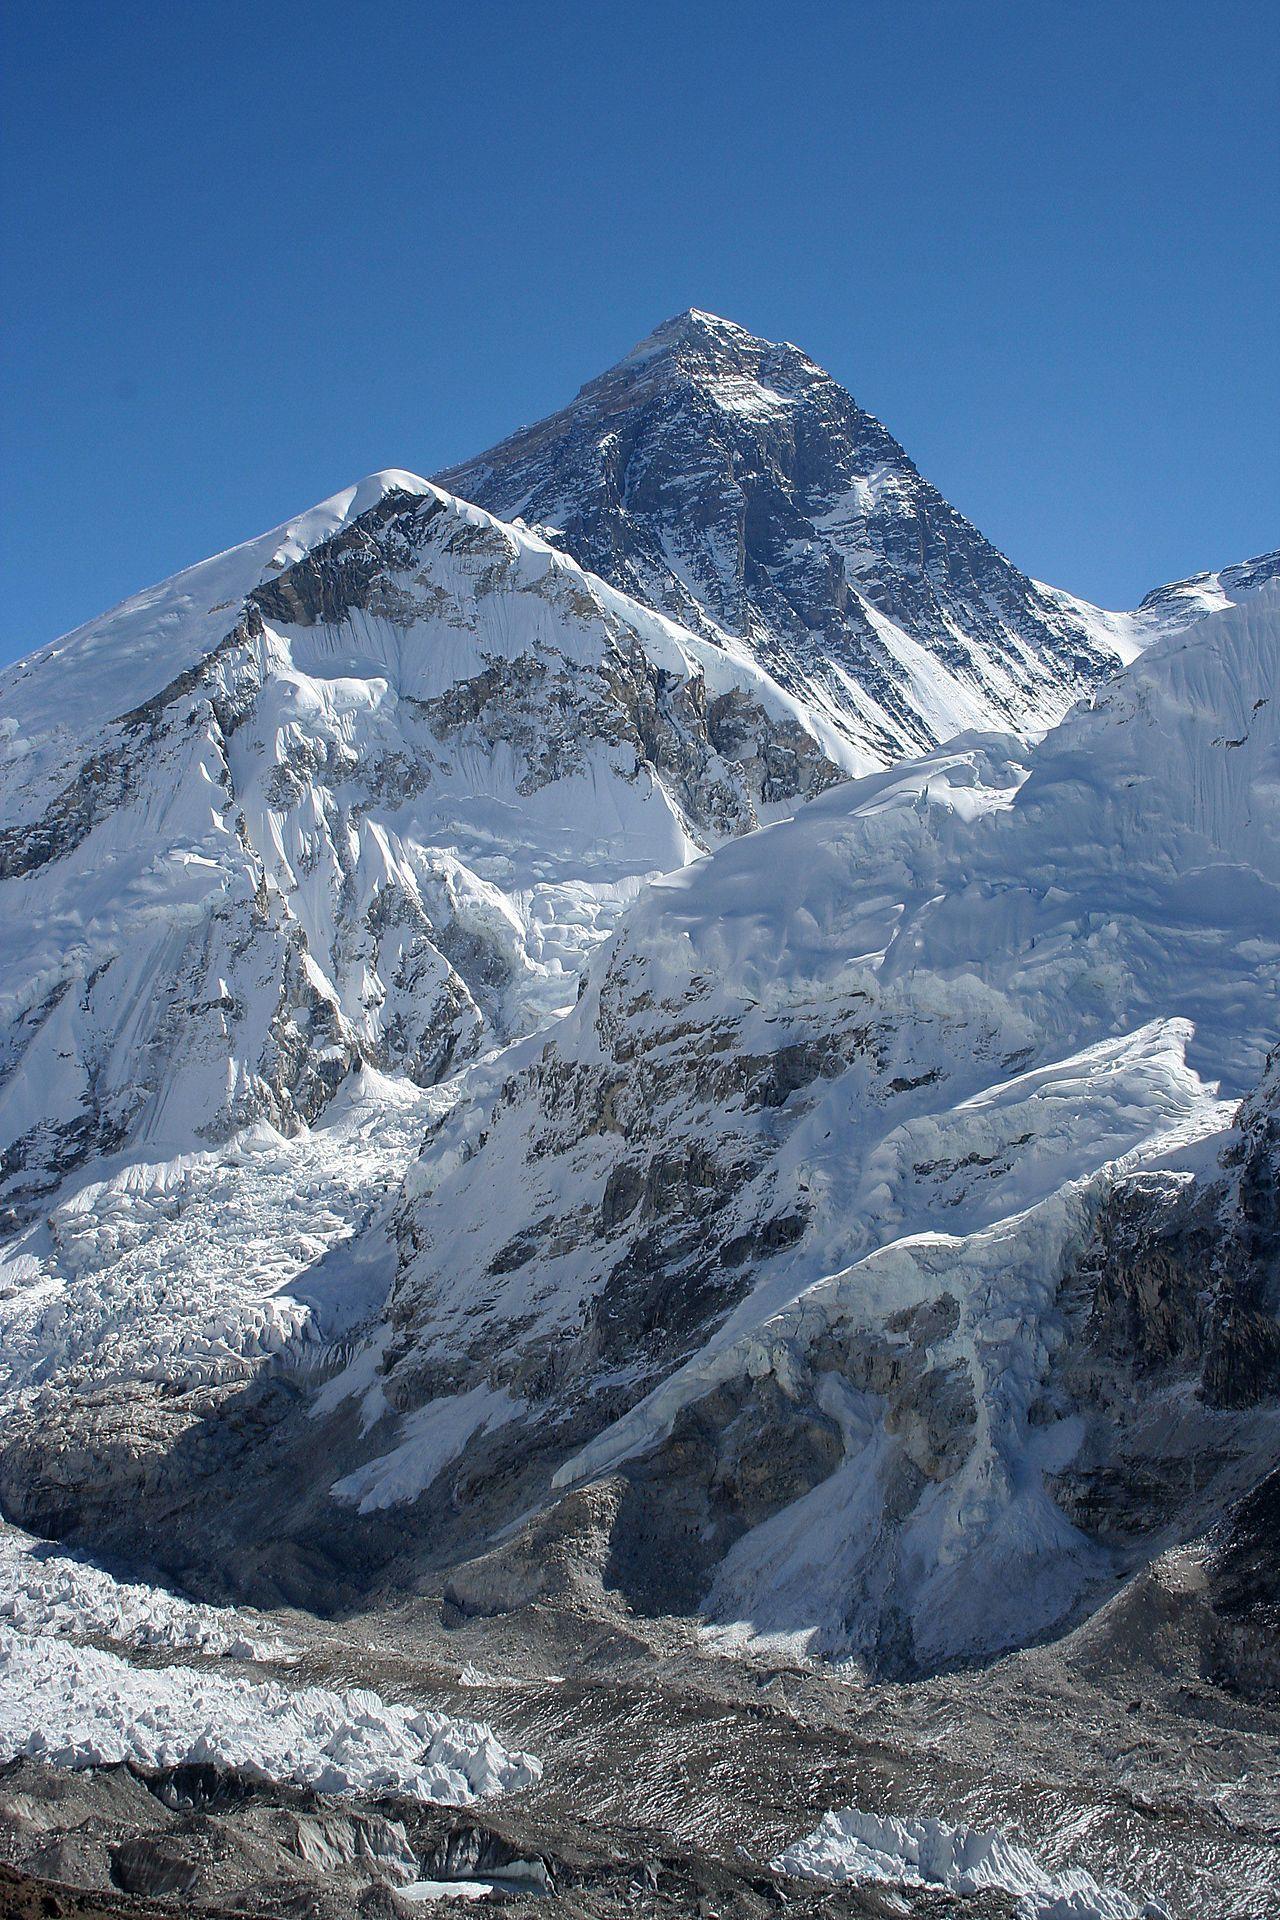 Mount Everest Wikipedia Schöne landschaften